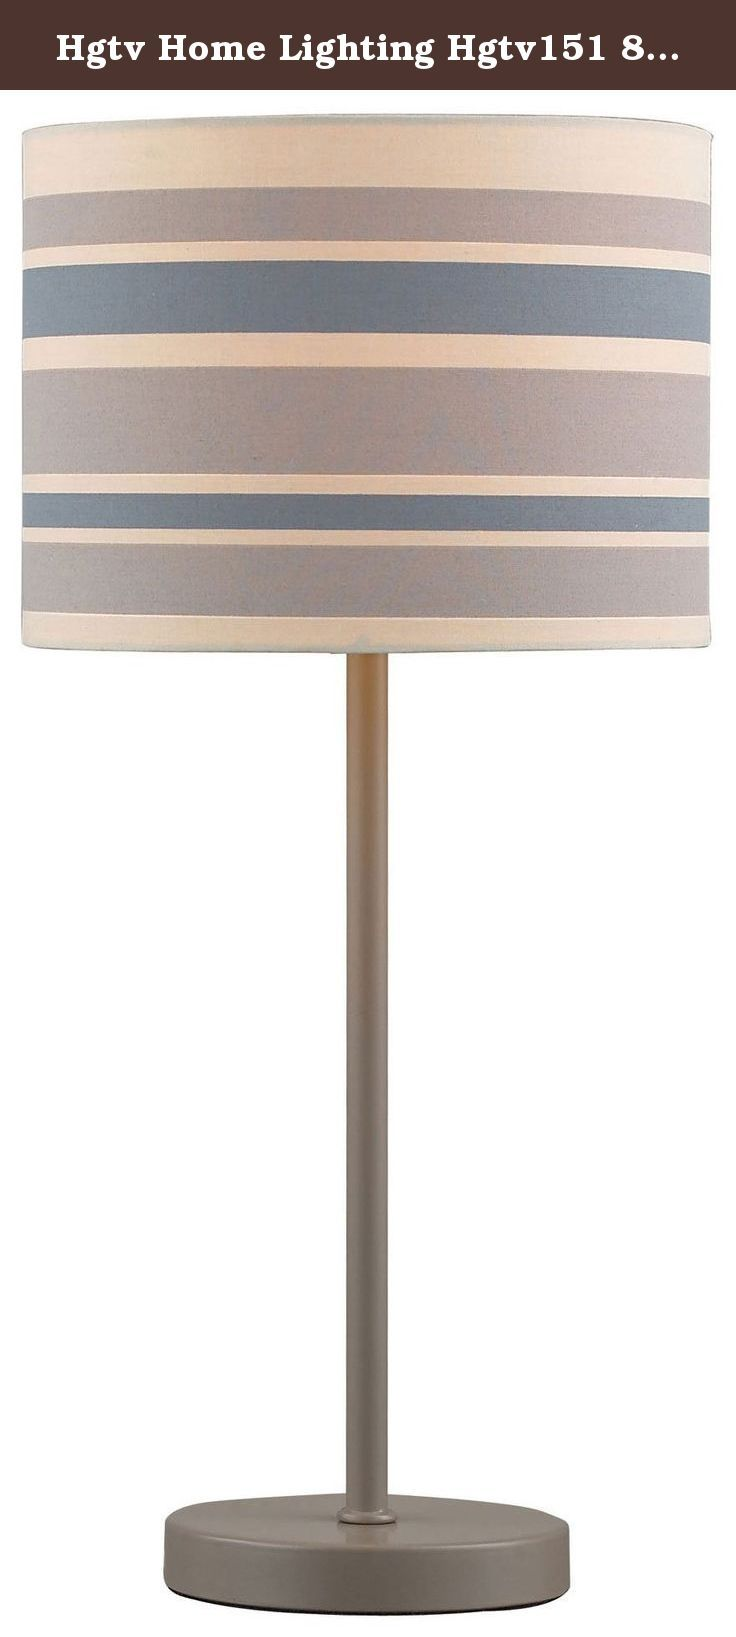 Hgtv Home Lighting Hgtv151 8 By 17Inch 1Light